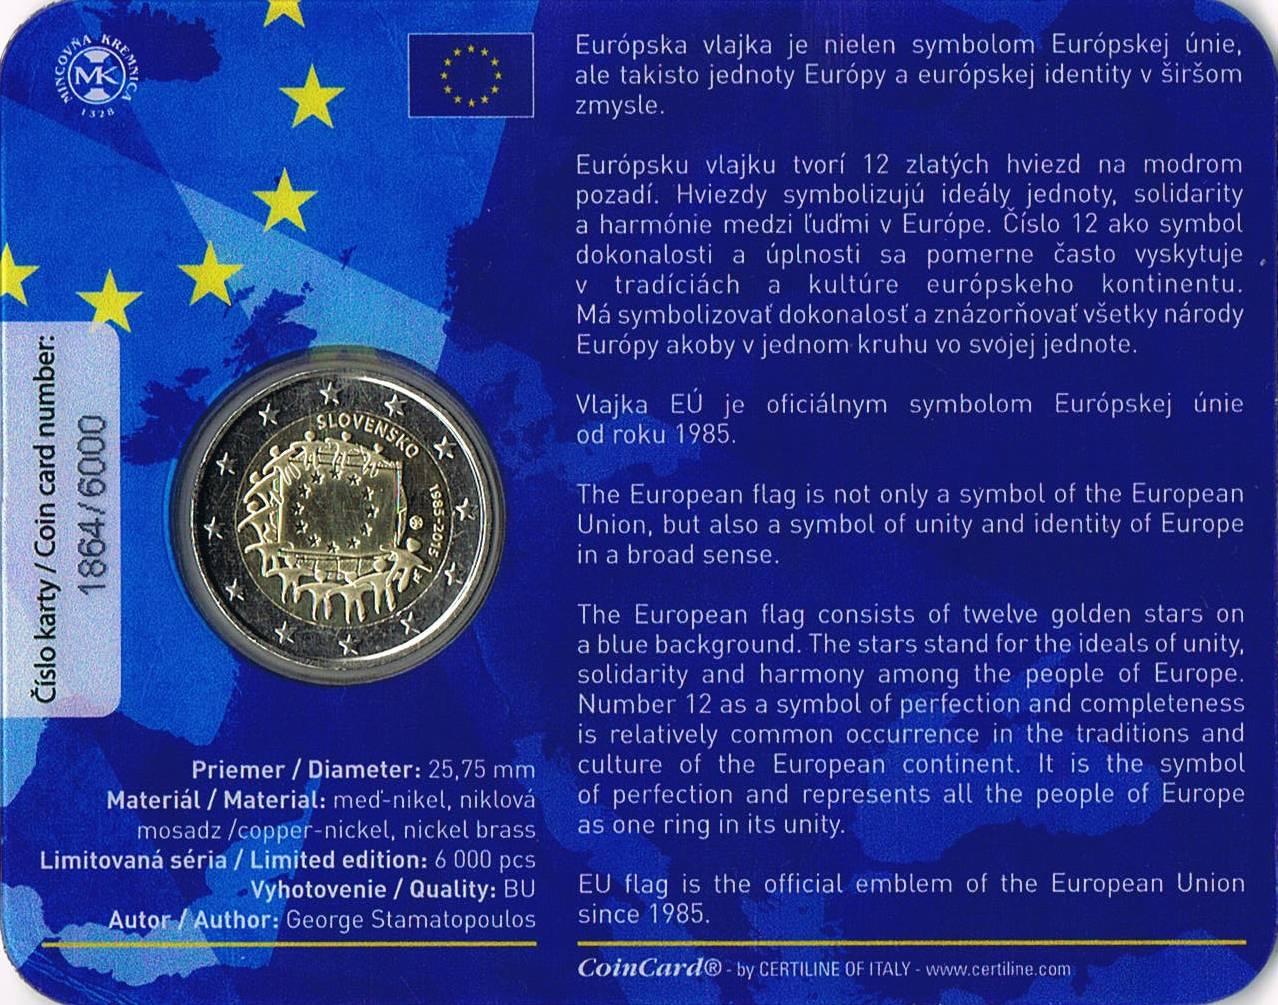 ITALY NEW ISSUE BIMETAL 2 EURO UNC COIN 2015 YEAR 30th ANNI EU FLAG